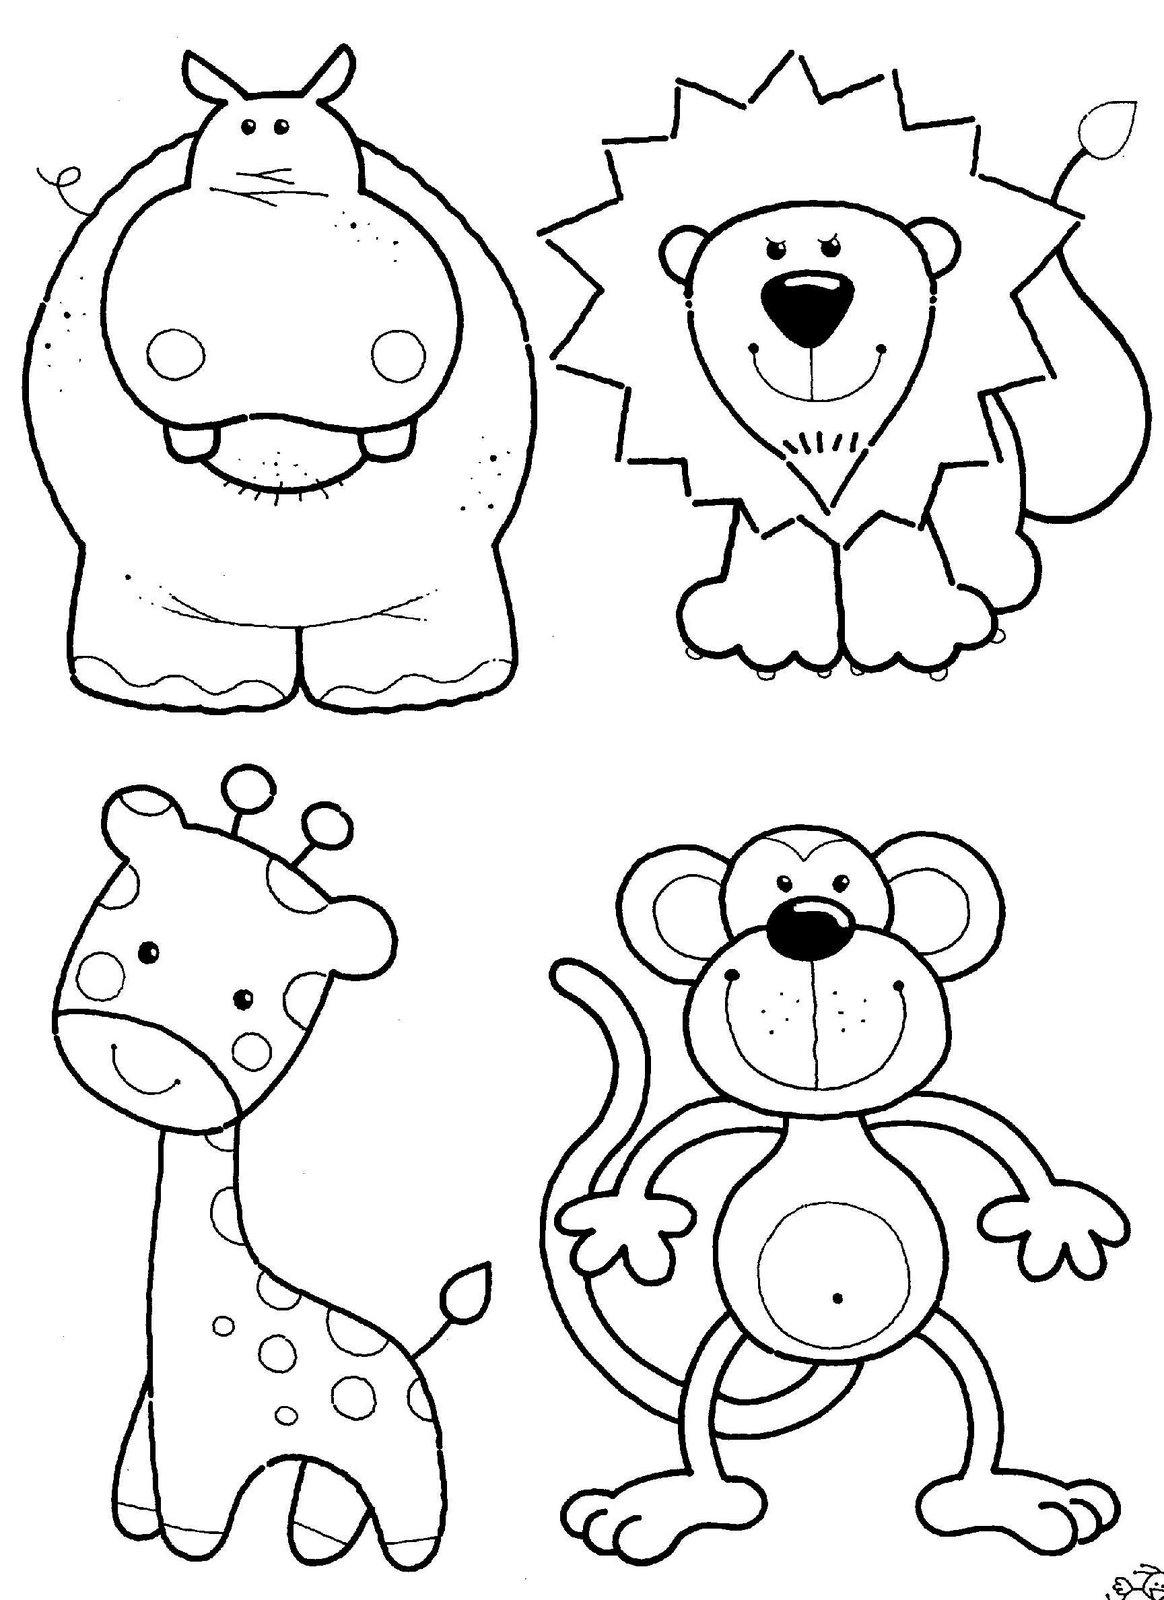 Os moldes para patchwork de animais servem para serem utilizados em